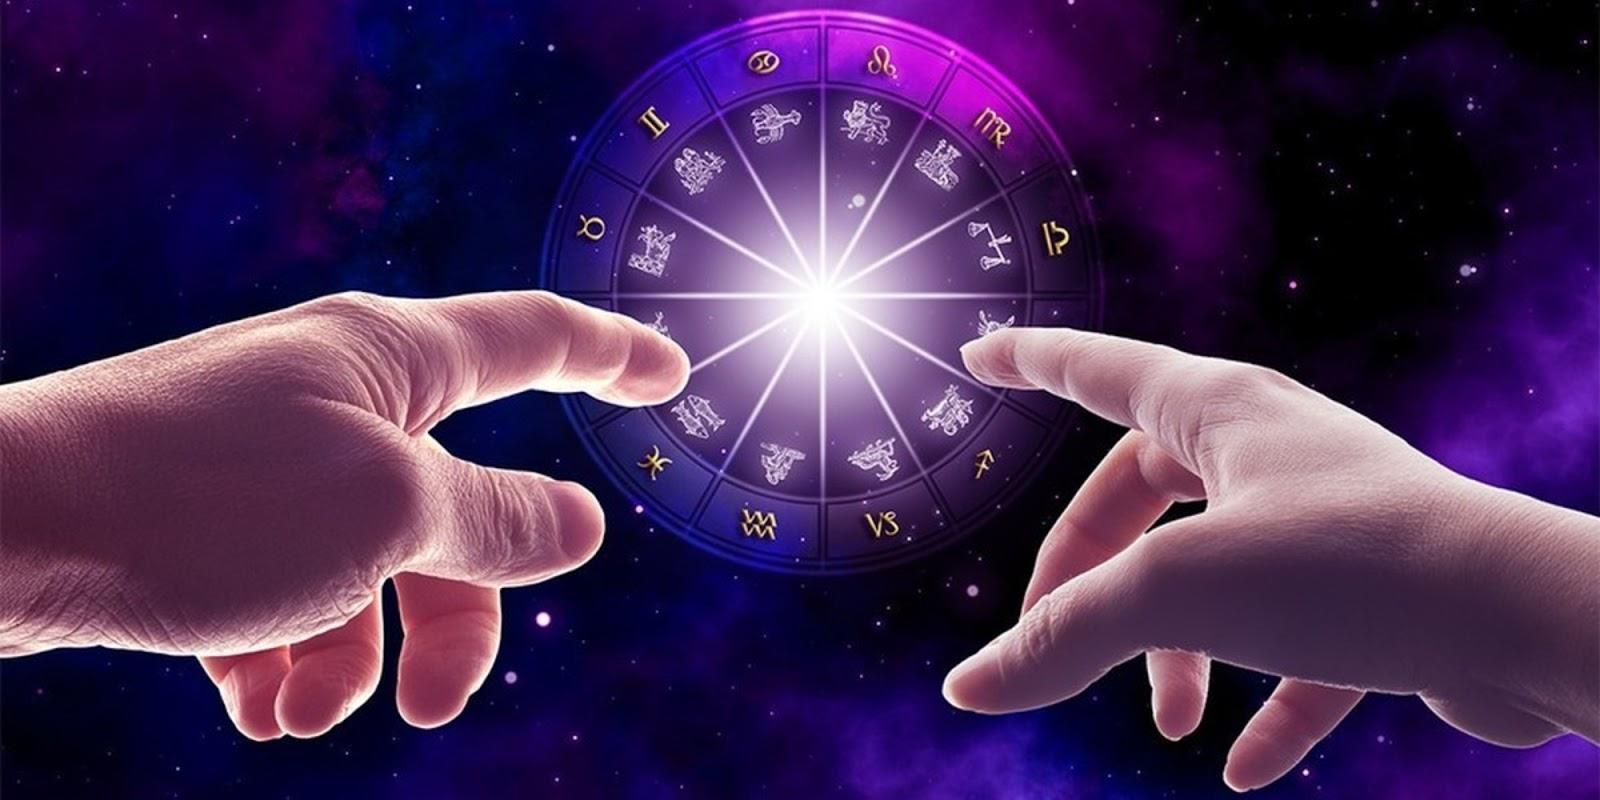 Весы и Водолей - совместимость знаков зодиака